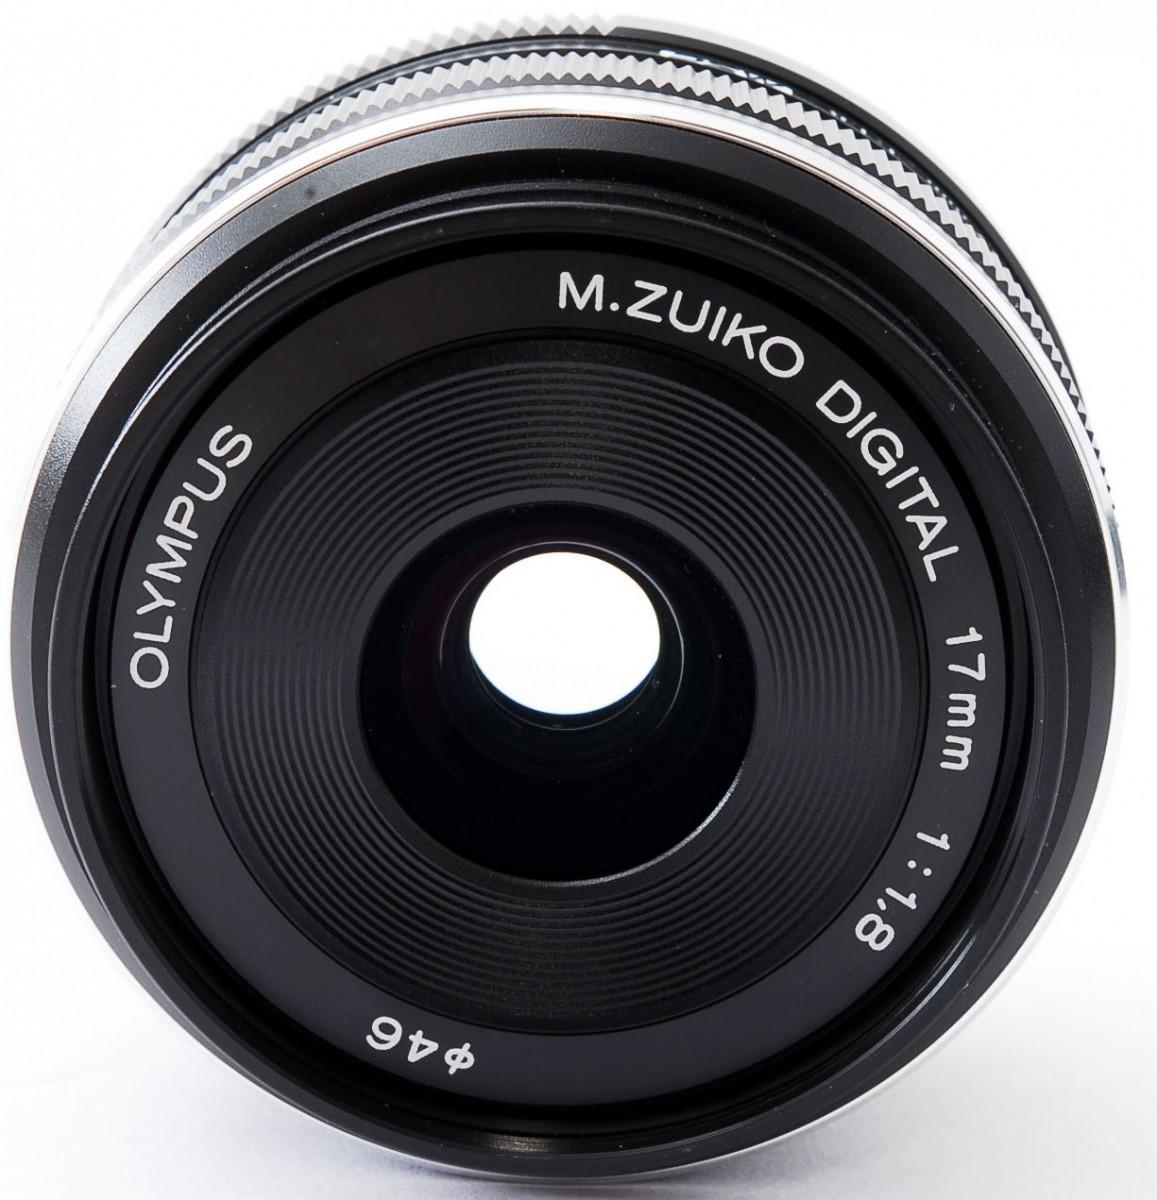 オリンパス Mズイコーデジタル M.ZUIKO DIGITAL 17mm F1.8(ブラック)の商品画像|3